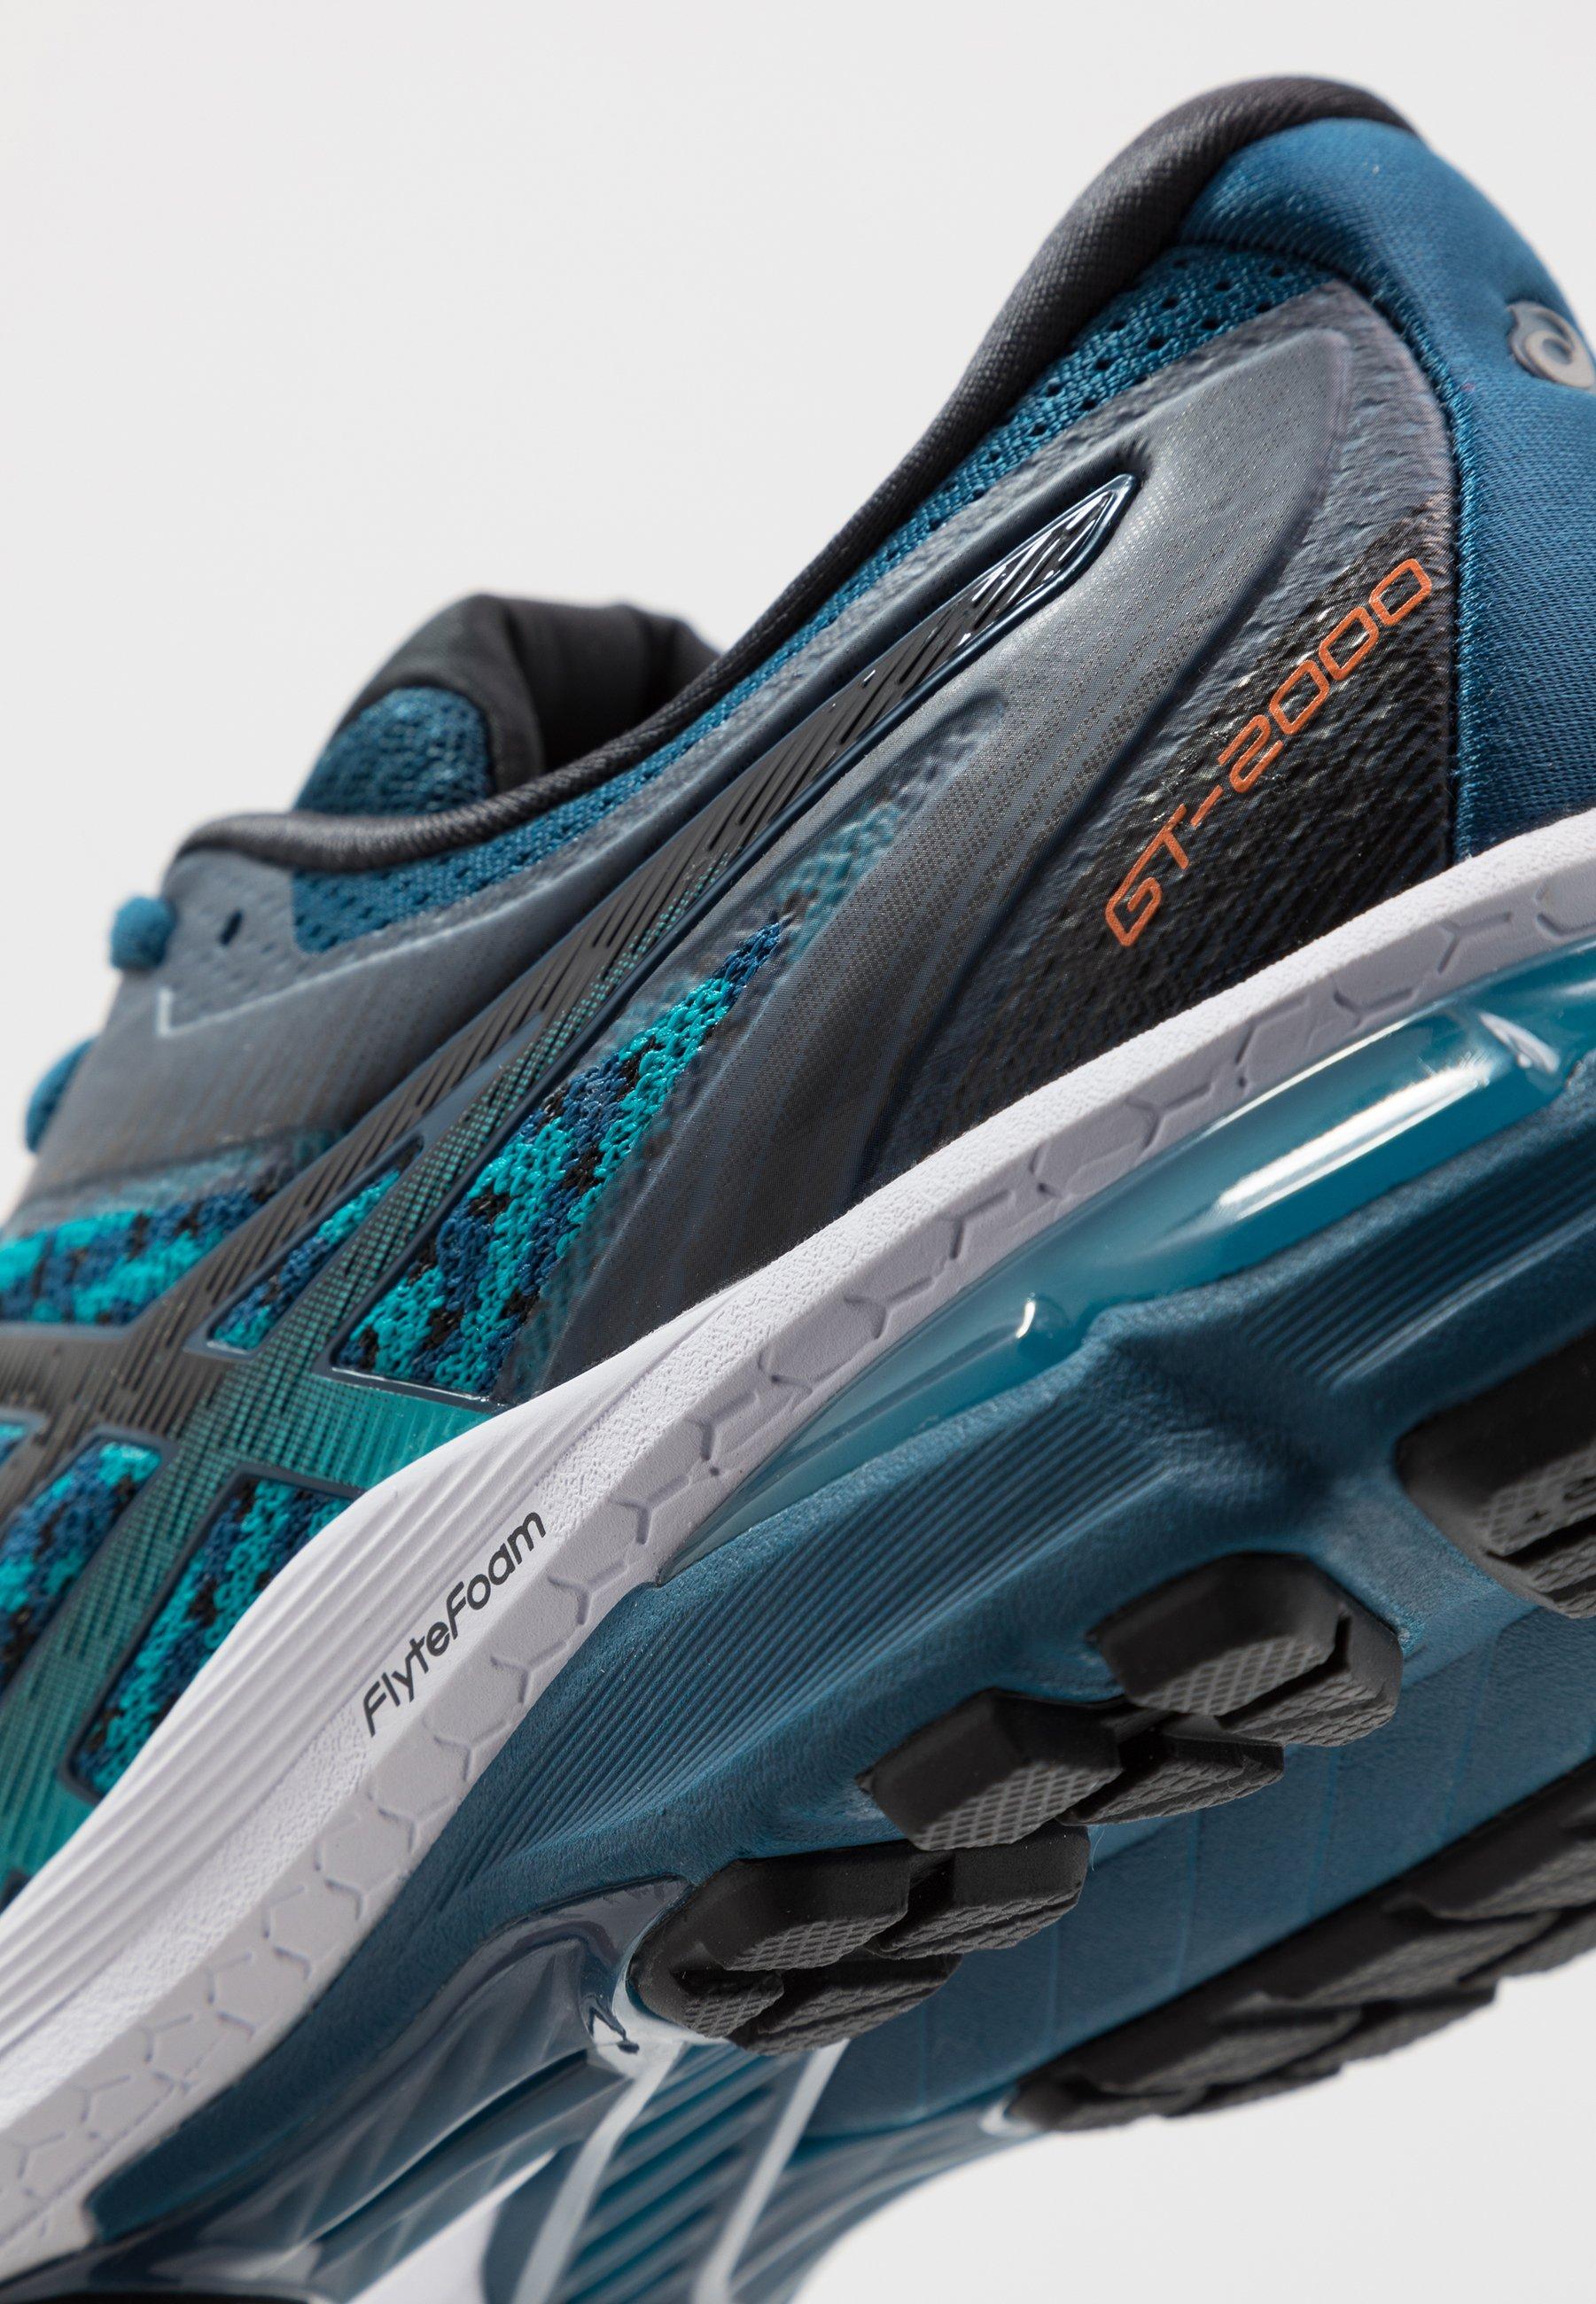 GT-2000 8 - Stabilty running shoes - mako blue/black